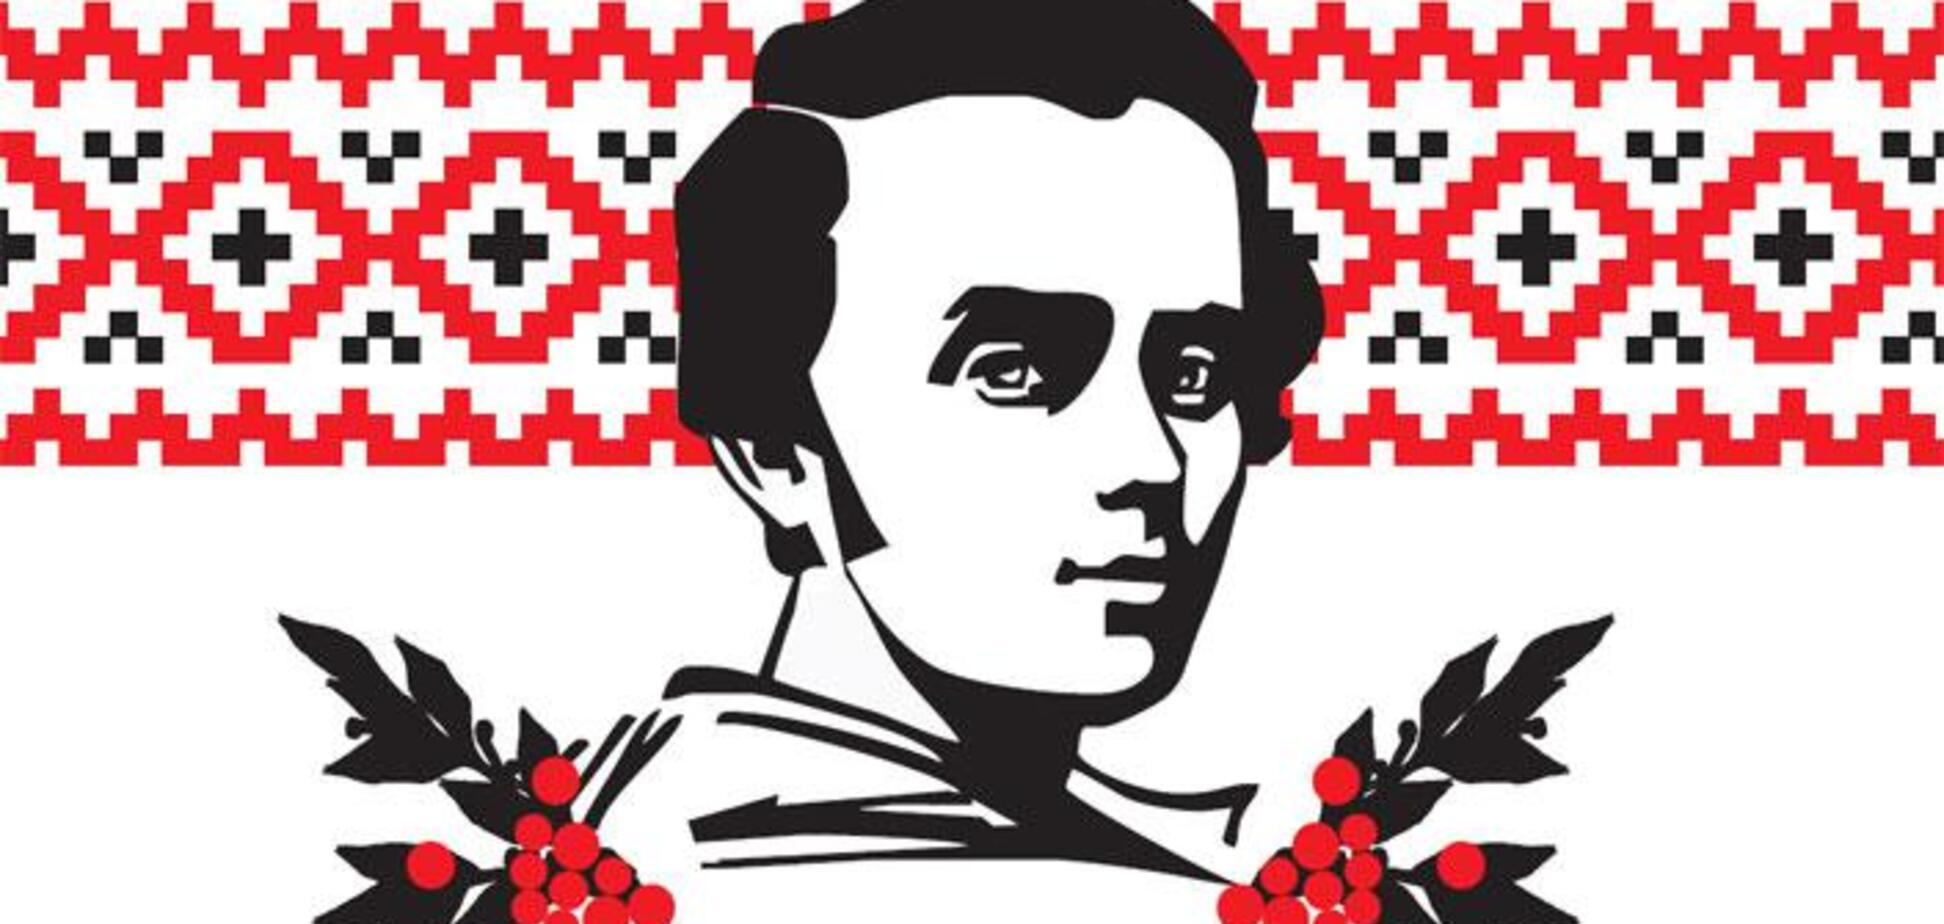 День памяти Тараса Шевченко: меткие цитаты и советы Кобзаря народу Украины